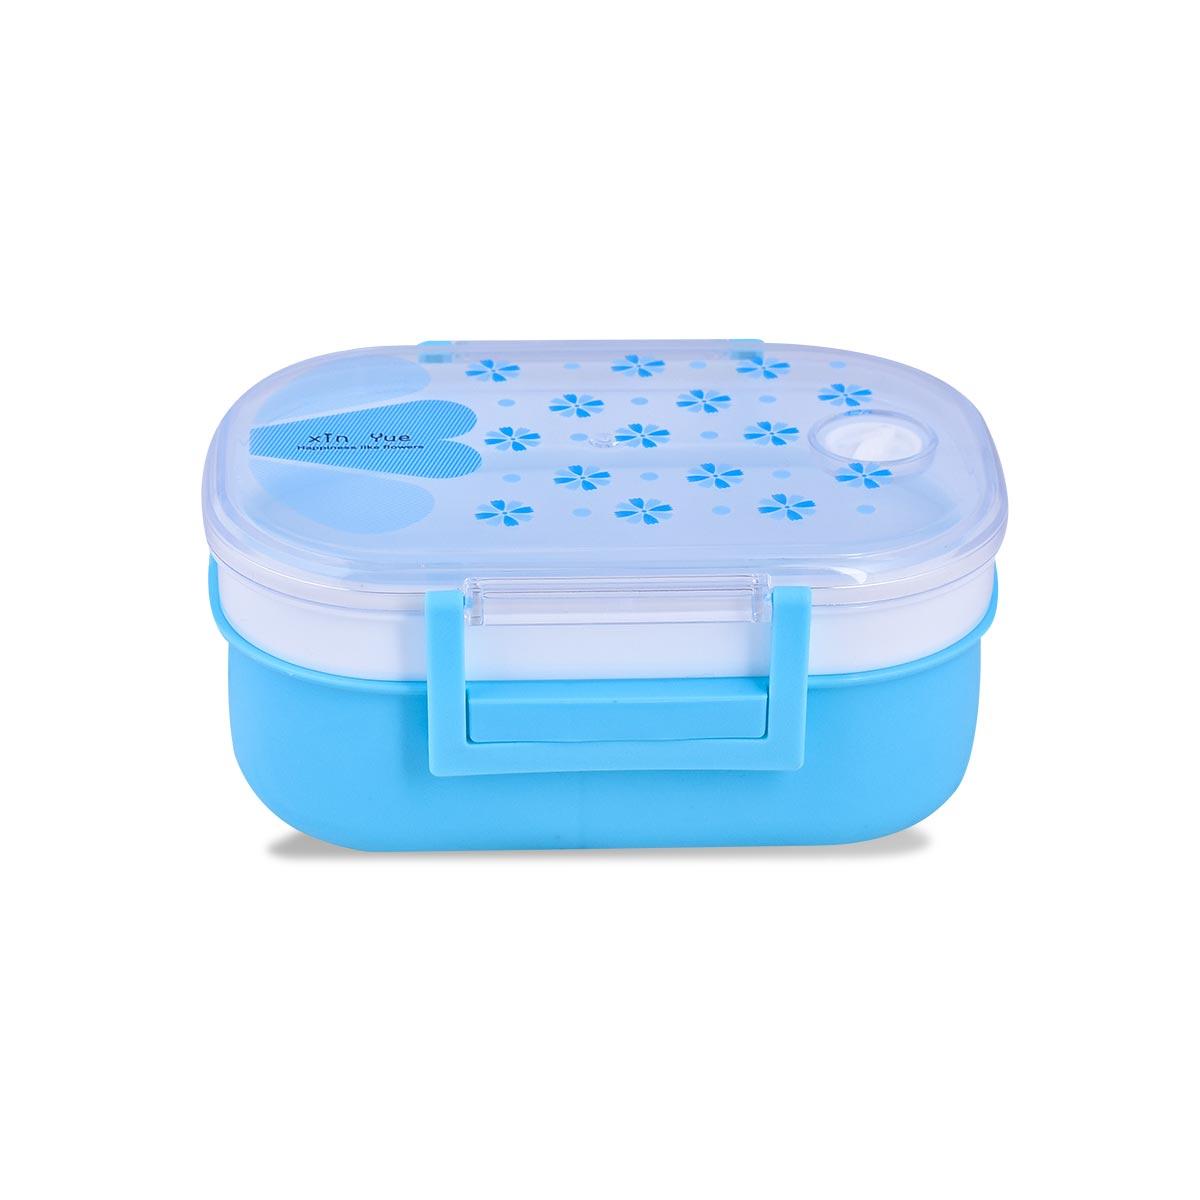 علبة تغذية وحافظة طعام بلاستيك الوان متعددة رقم 4980-082